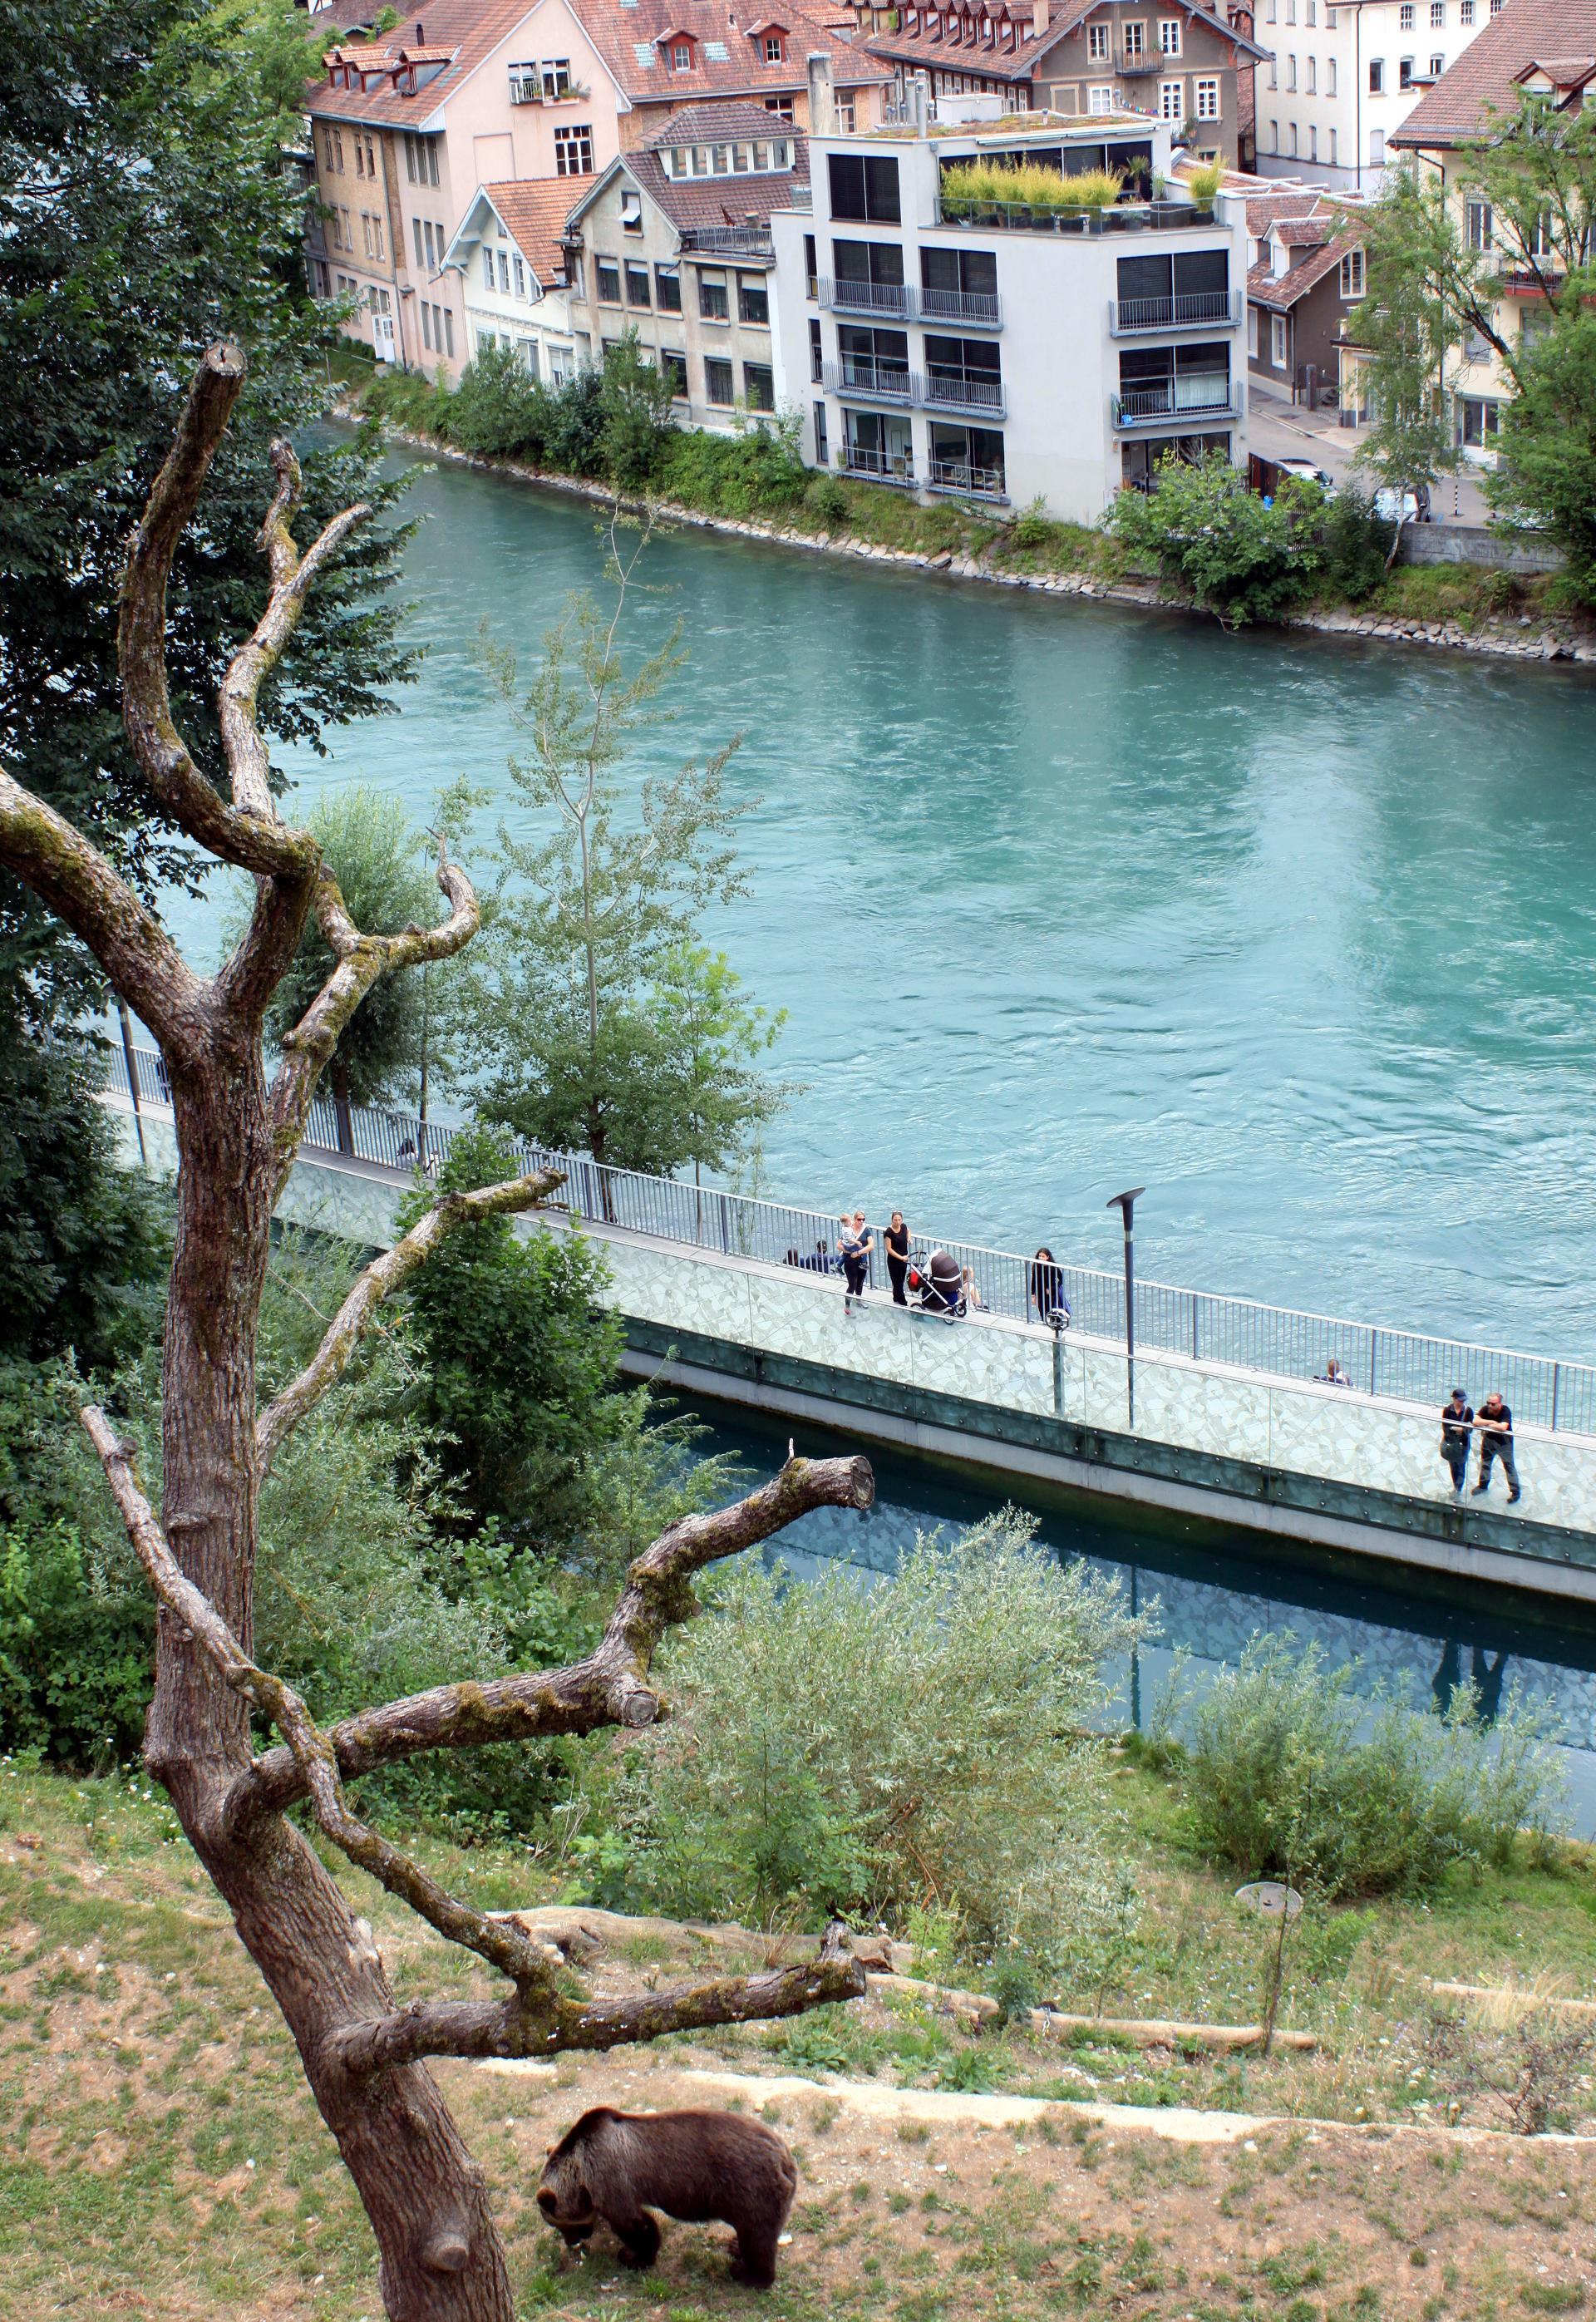 szwajcaria berno bern rzeka aare most zoo niedzwiedz widok staremiasto stolica iglawpodrozy